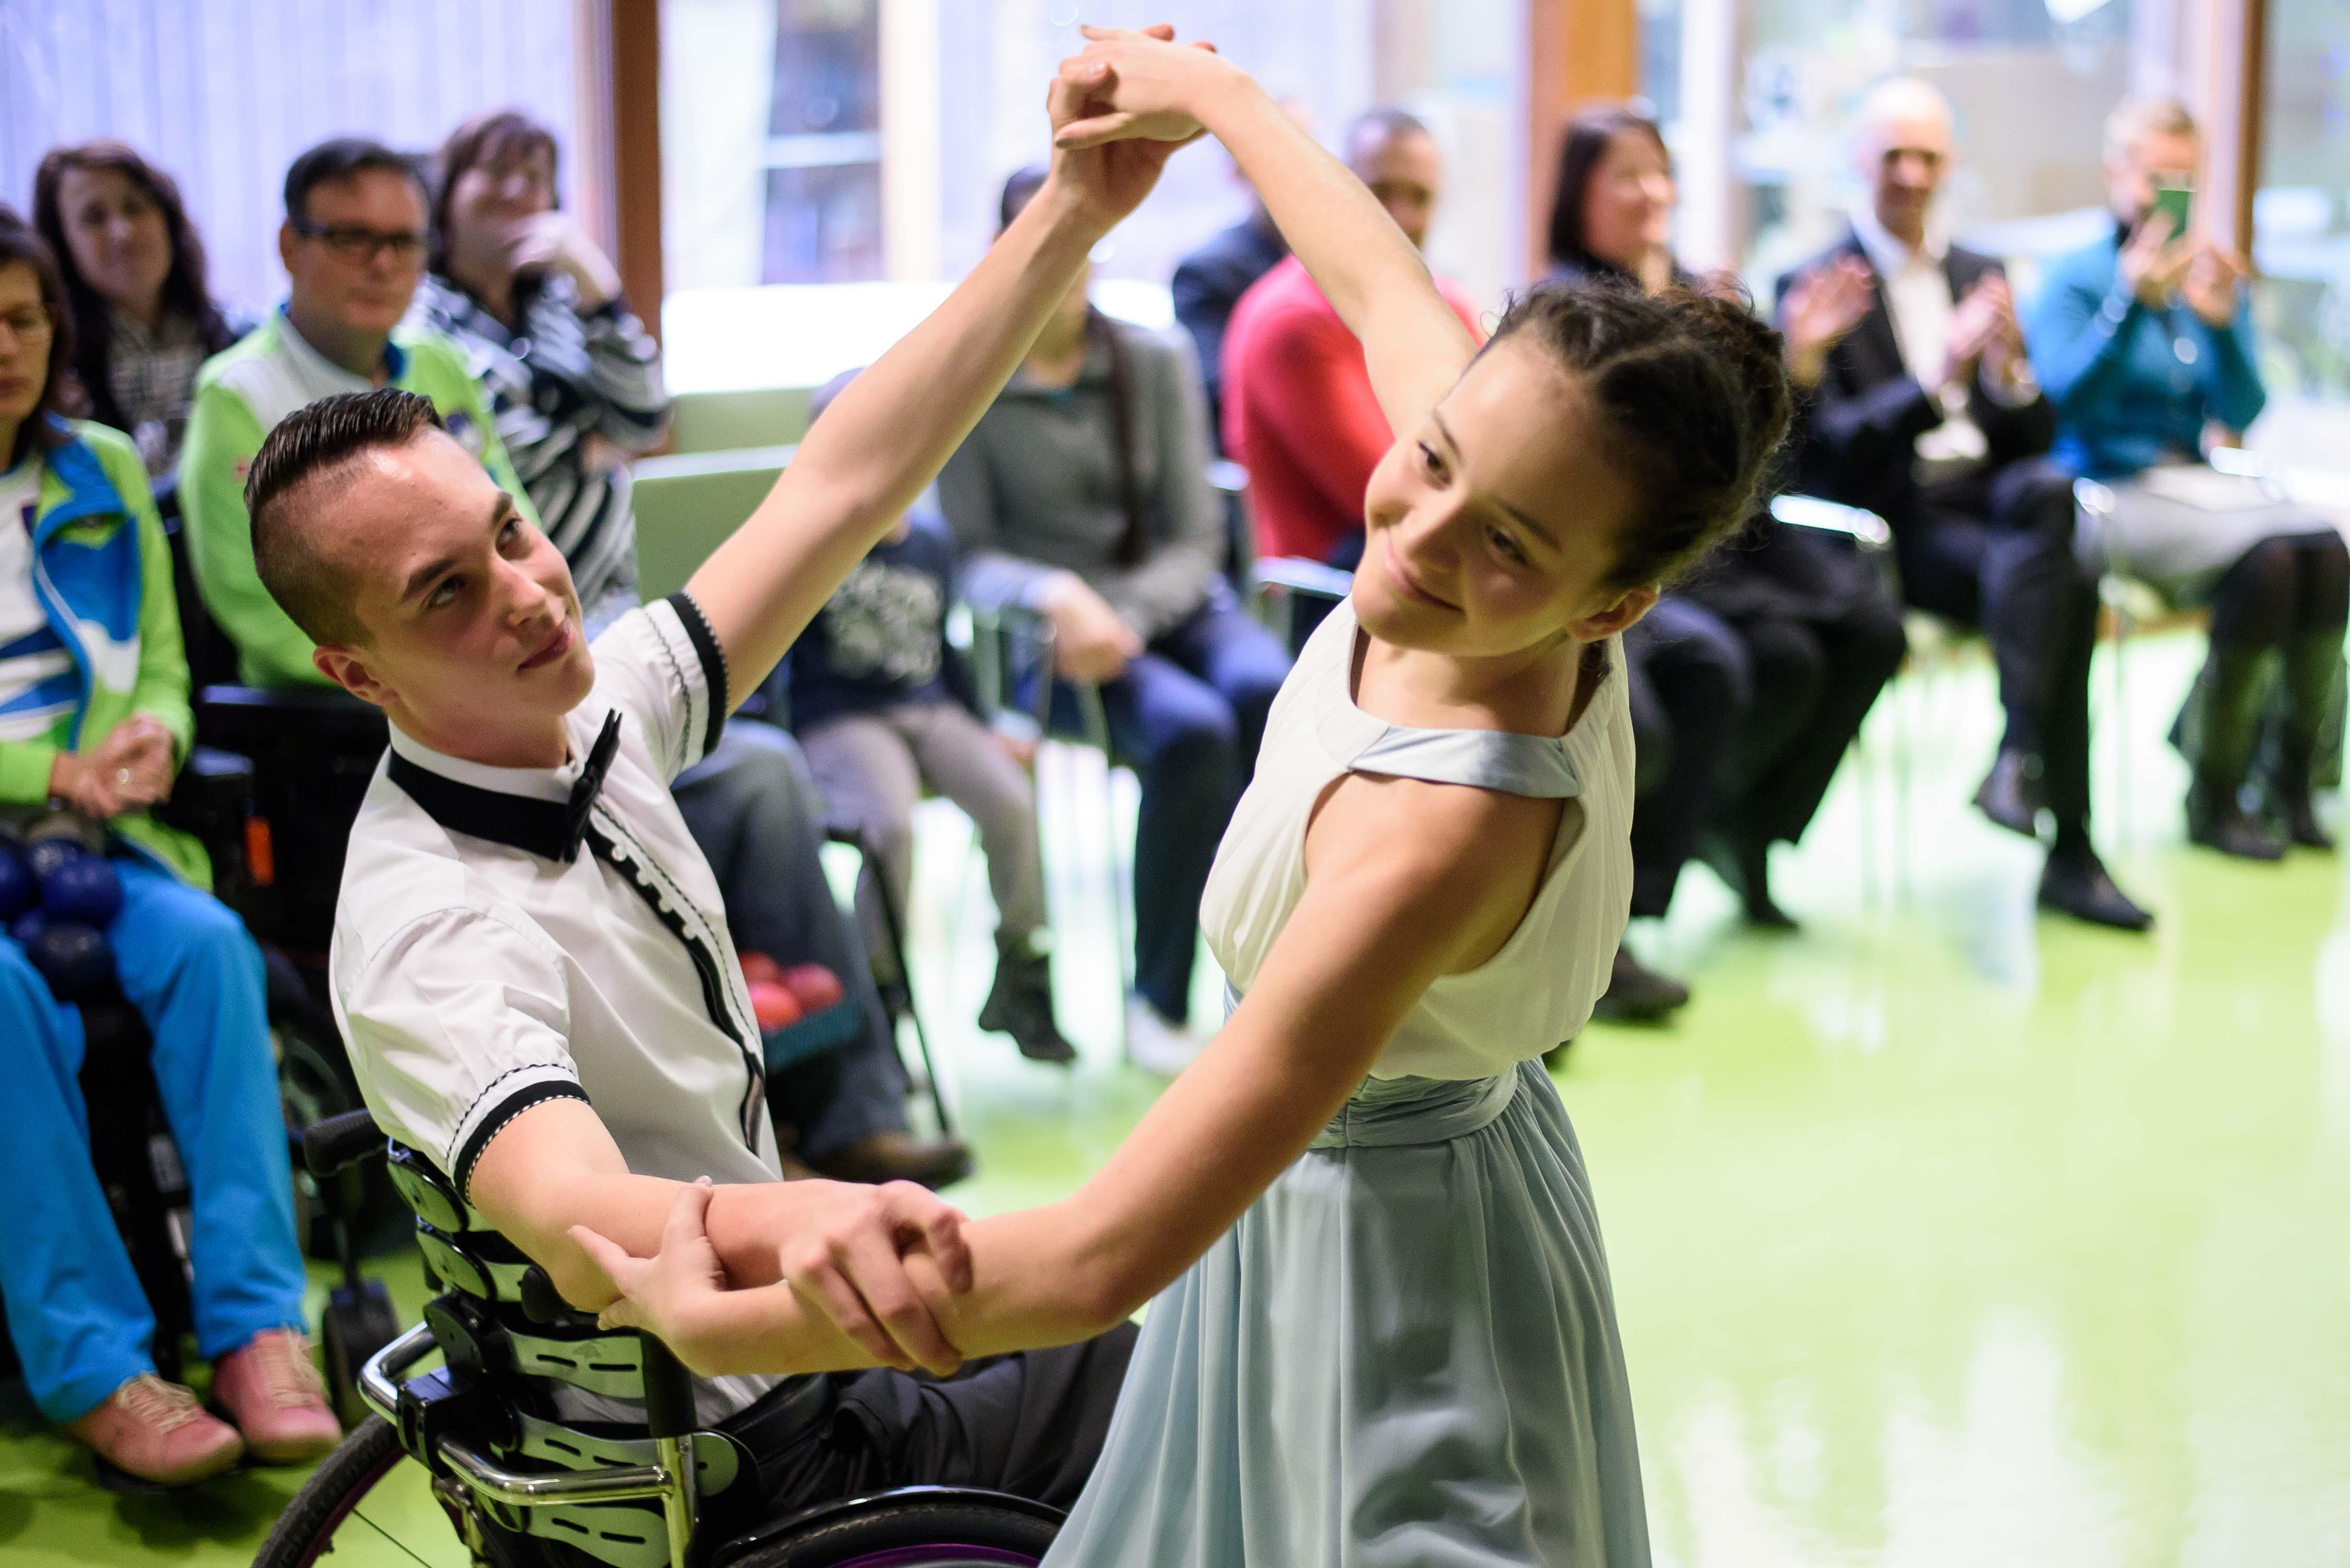 Deklica pleše s fantom na invalidskem vozičku